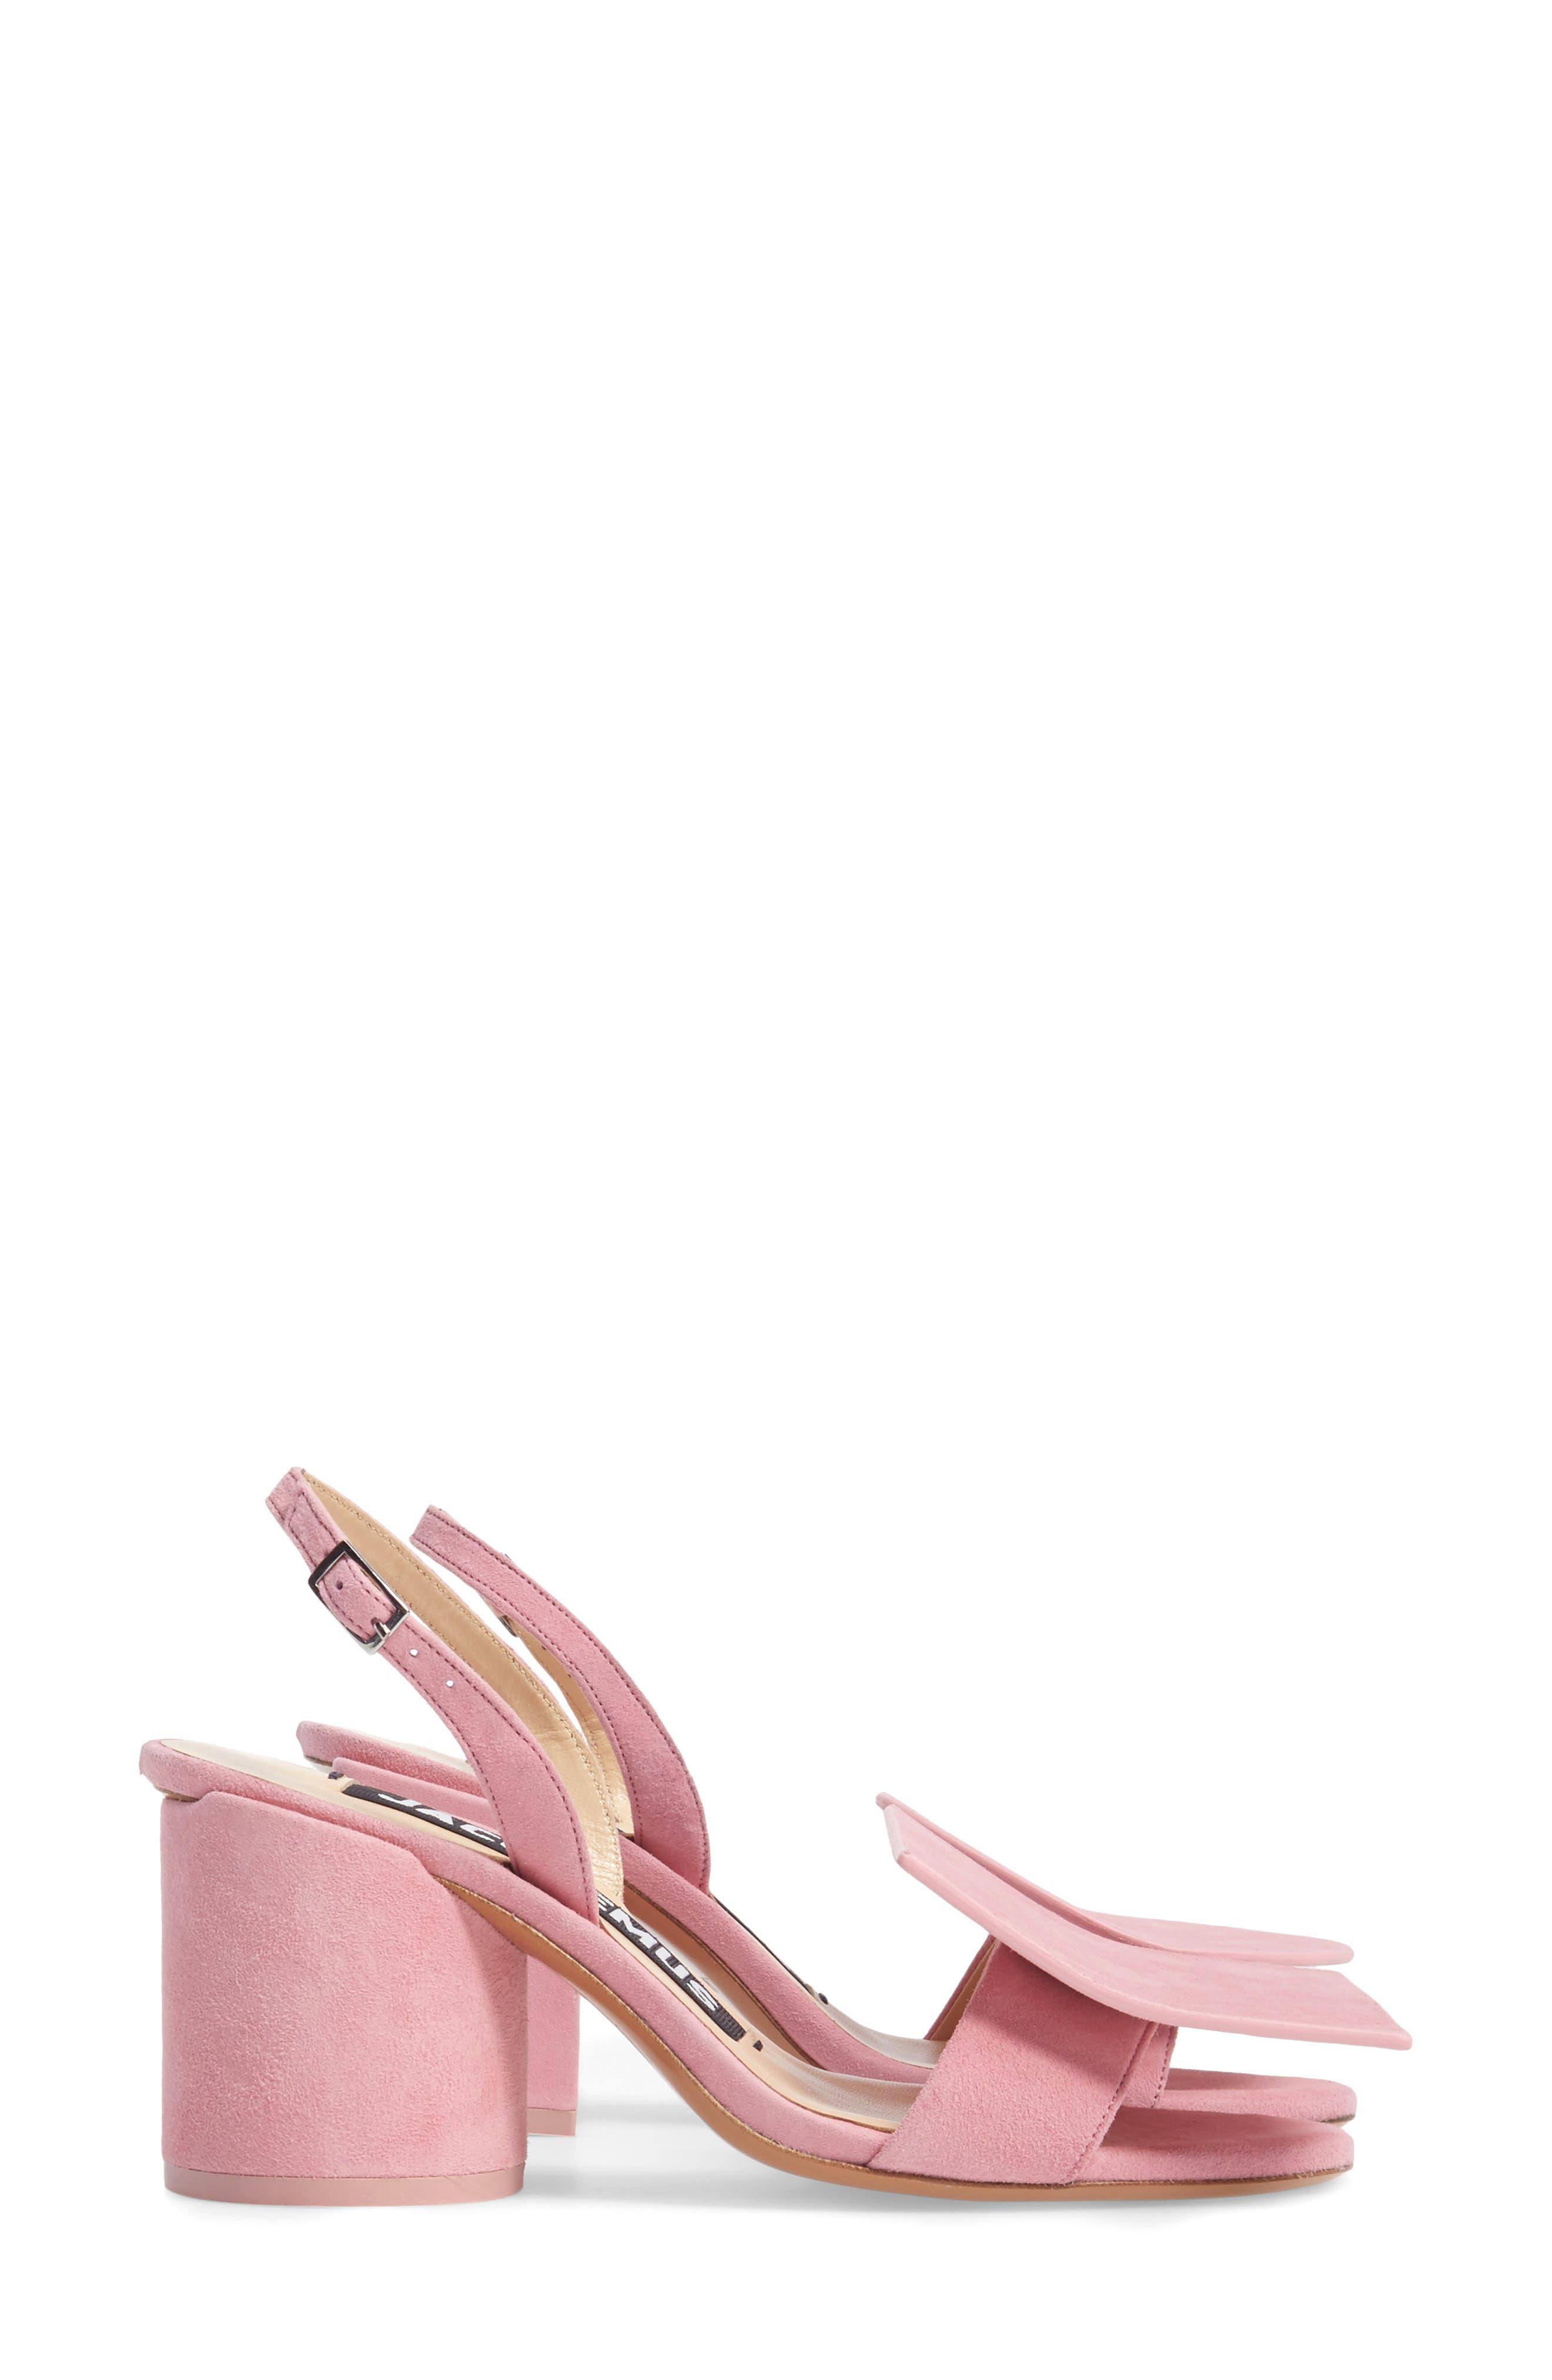 Les Rond Carré Suede Sandal,                             Alternate thumbnail 3, color,                             Pink